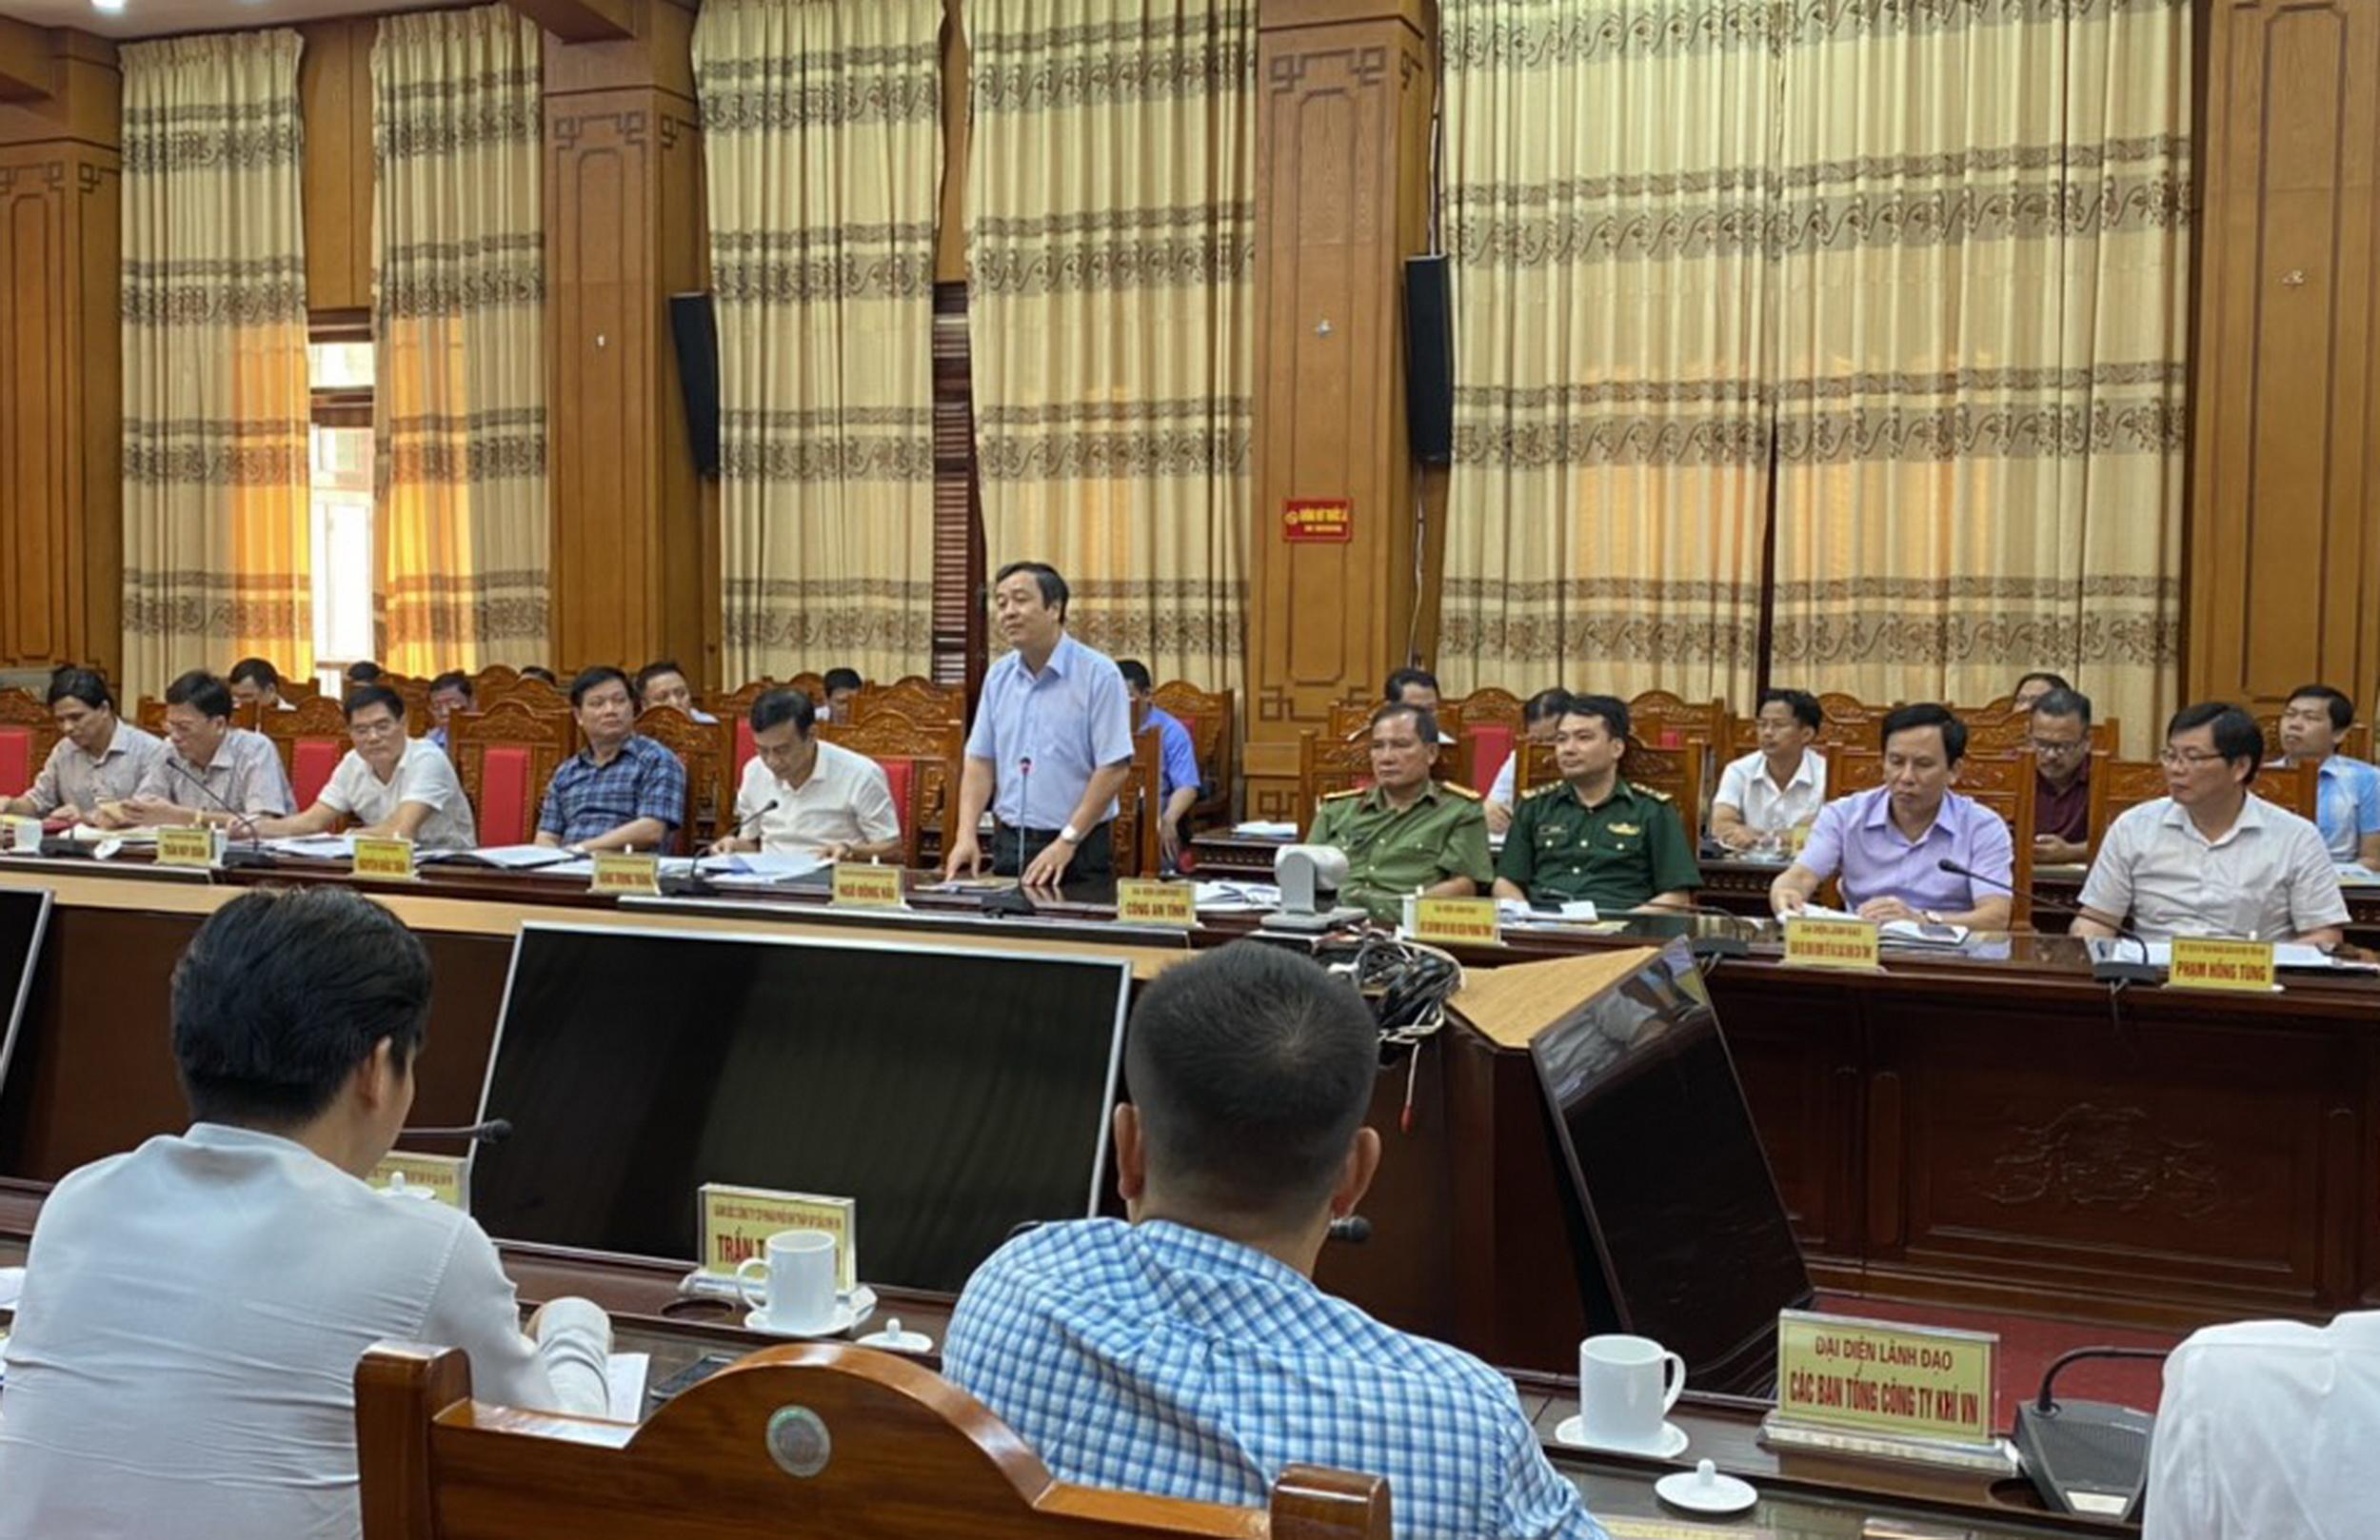 Phát biểu chào mừng đoàn cán bộ cao cấp PV GAS đến thăm và làm việc của Bí thư Tỉnh ủy tỉnh Thái Bình